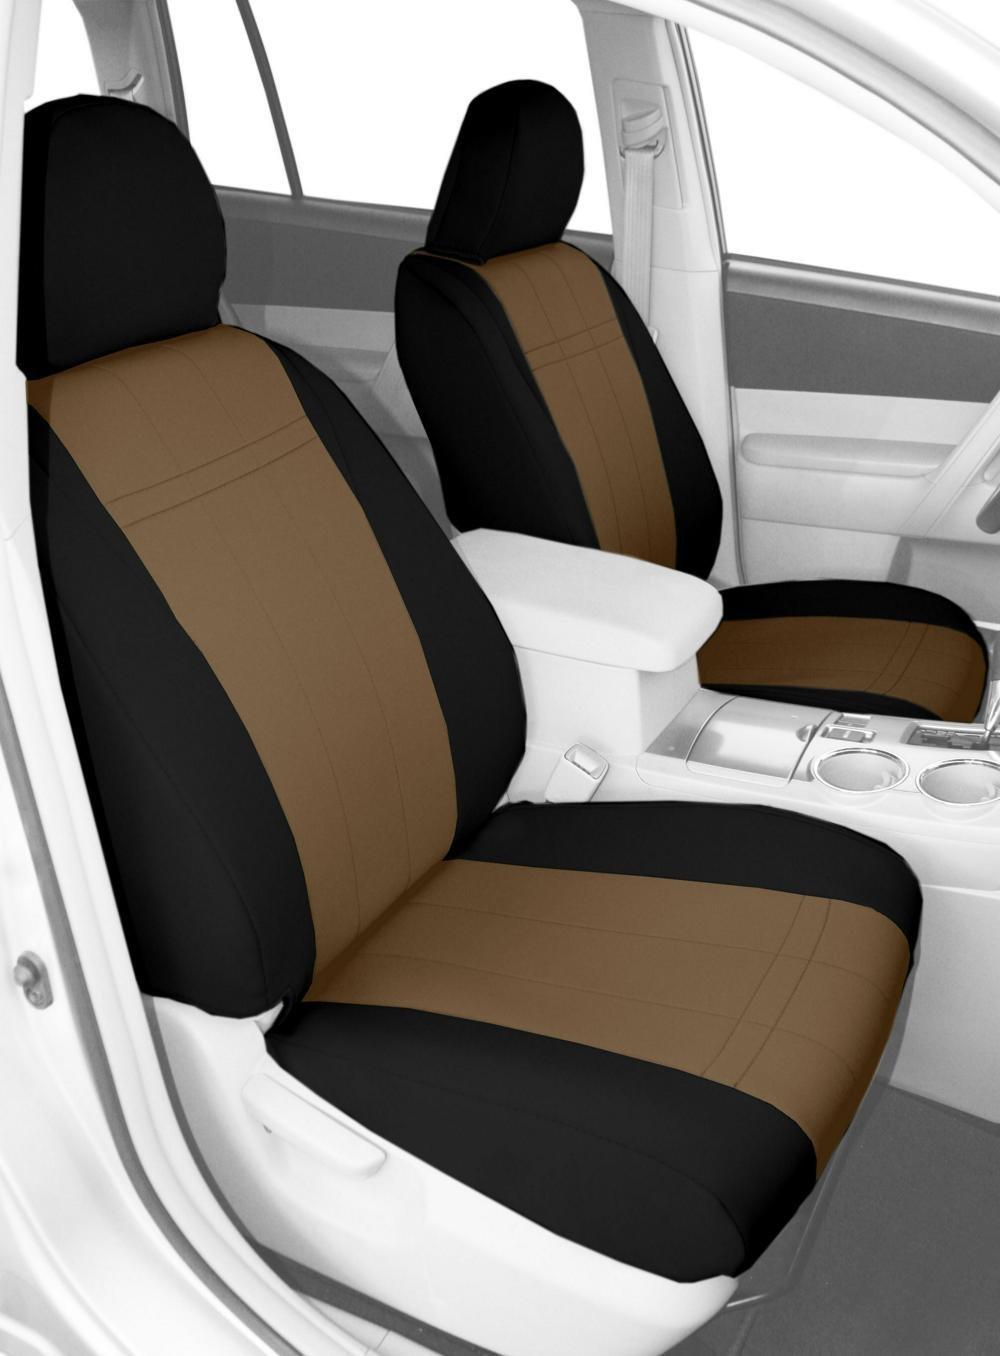 caltrendフロントバケットカスタムフィットシートのカバーフォードF - 150モデル – ネオプレン(ベージュ/ブラック) B01377MIZM  - -